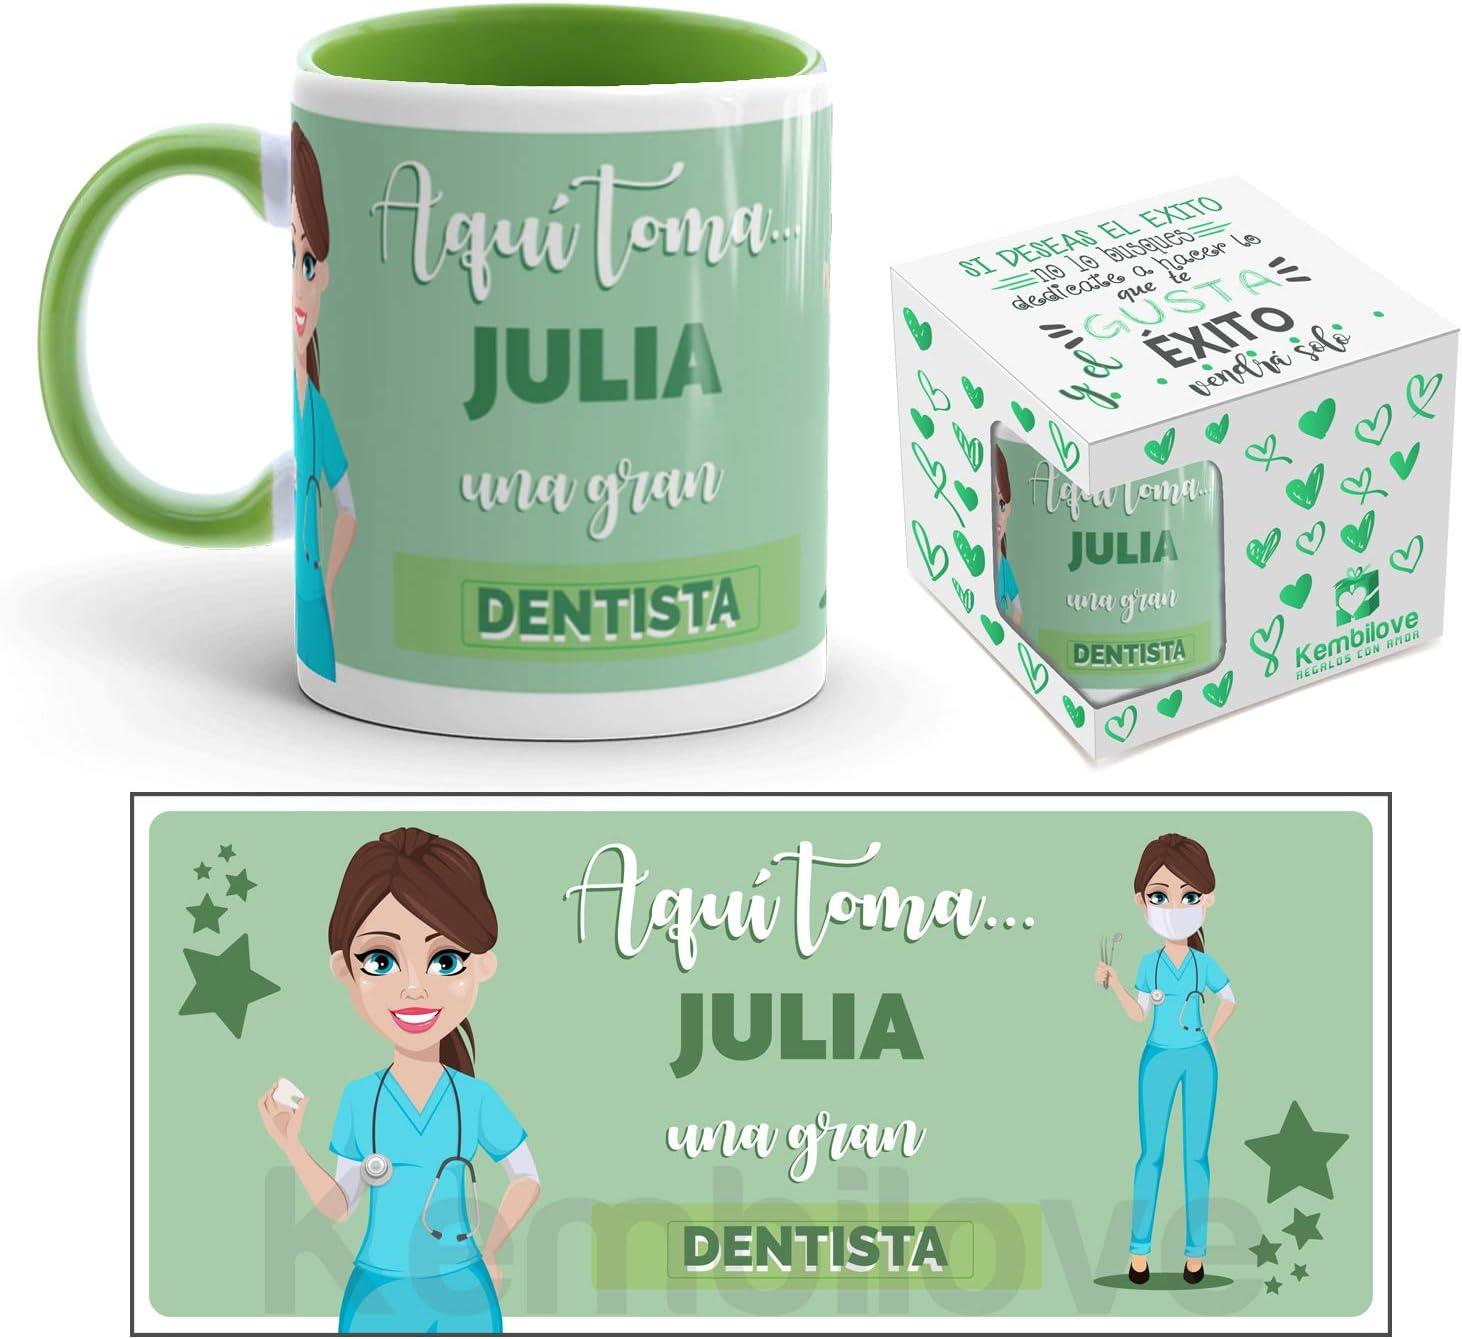 Kembilove Taza de Café del Mejor Dentista del Mundo Personalizada con el Nombre – Taza de Desayuno para la Oficina – Taza de Café y Té para Profesionales – Taza de Cerámica Impresa para Dentista